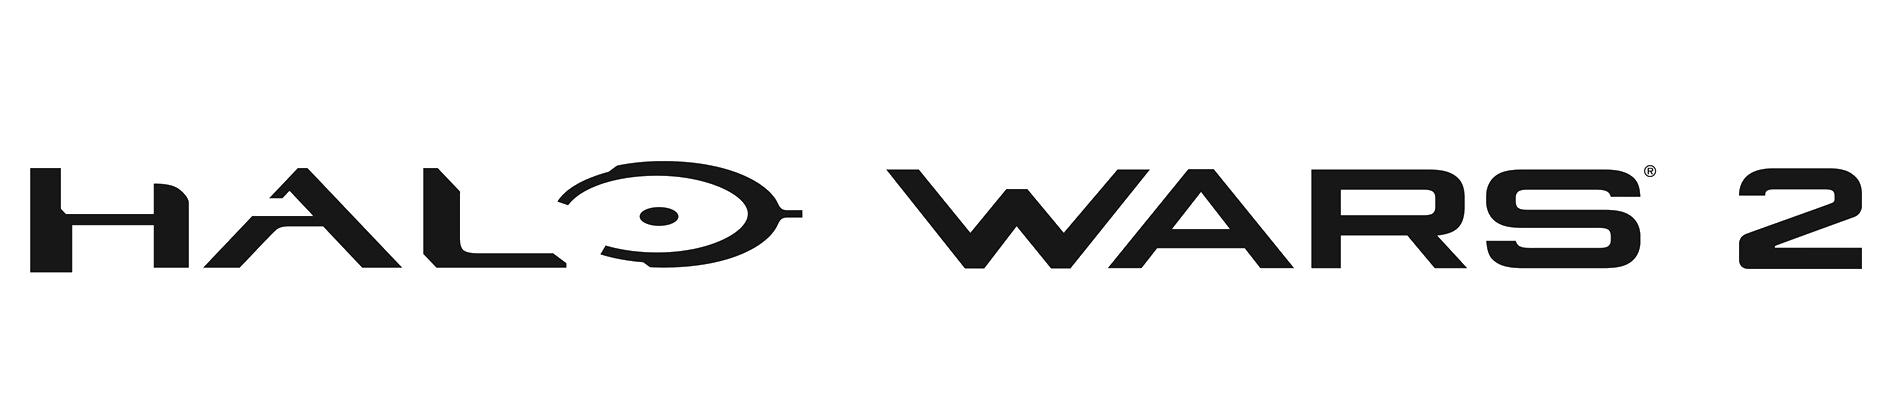 Halo Wars Logo PNG Transparent Image SVG Clip arts